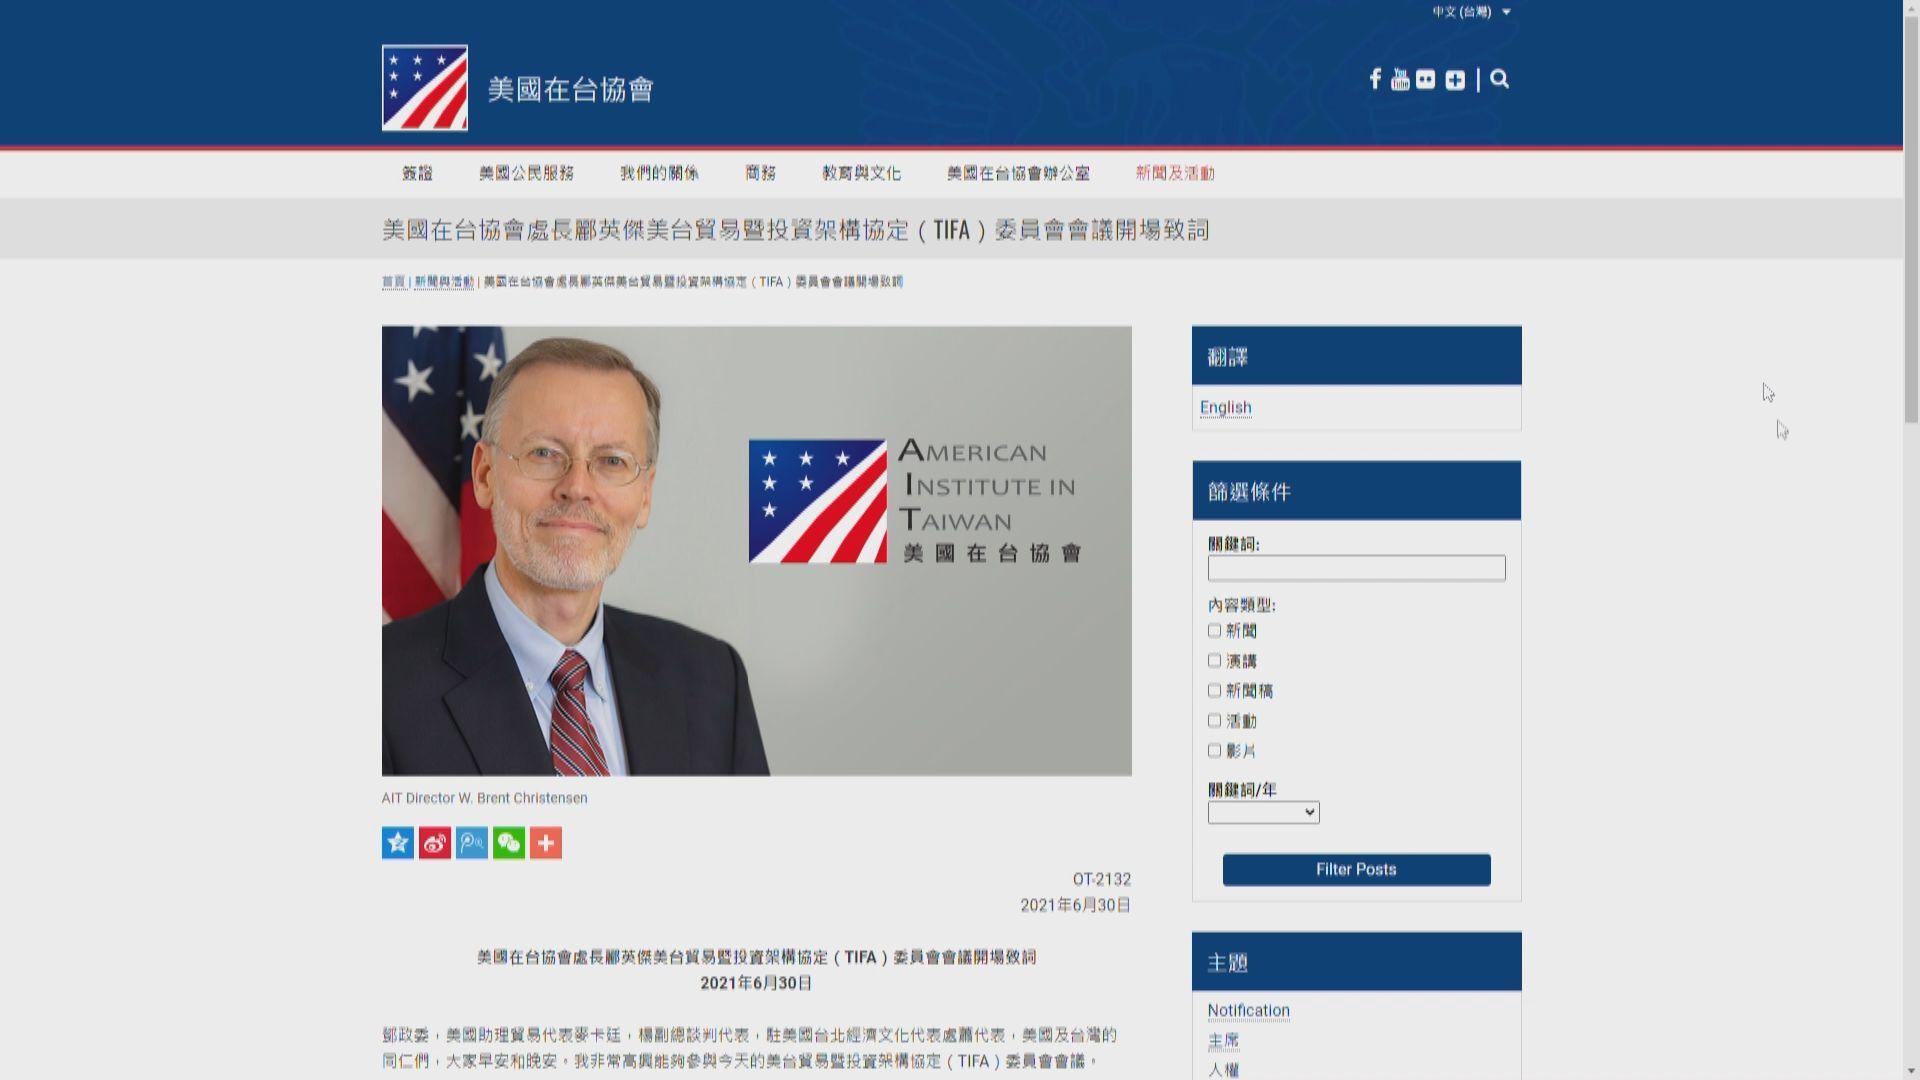 台美召開TIFA視像會議 北京重申反對台美官方往來